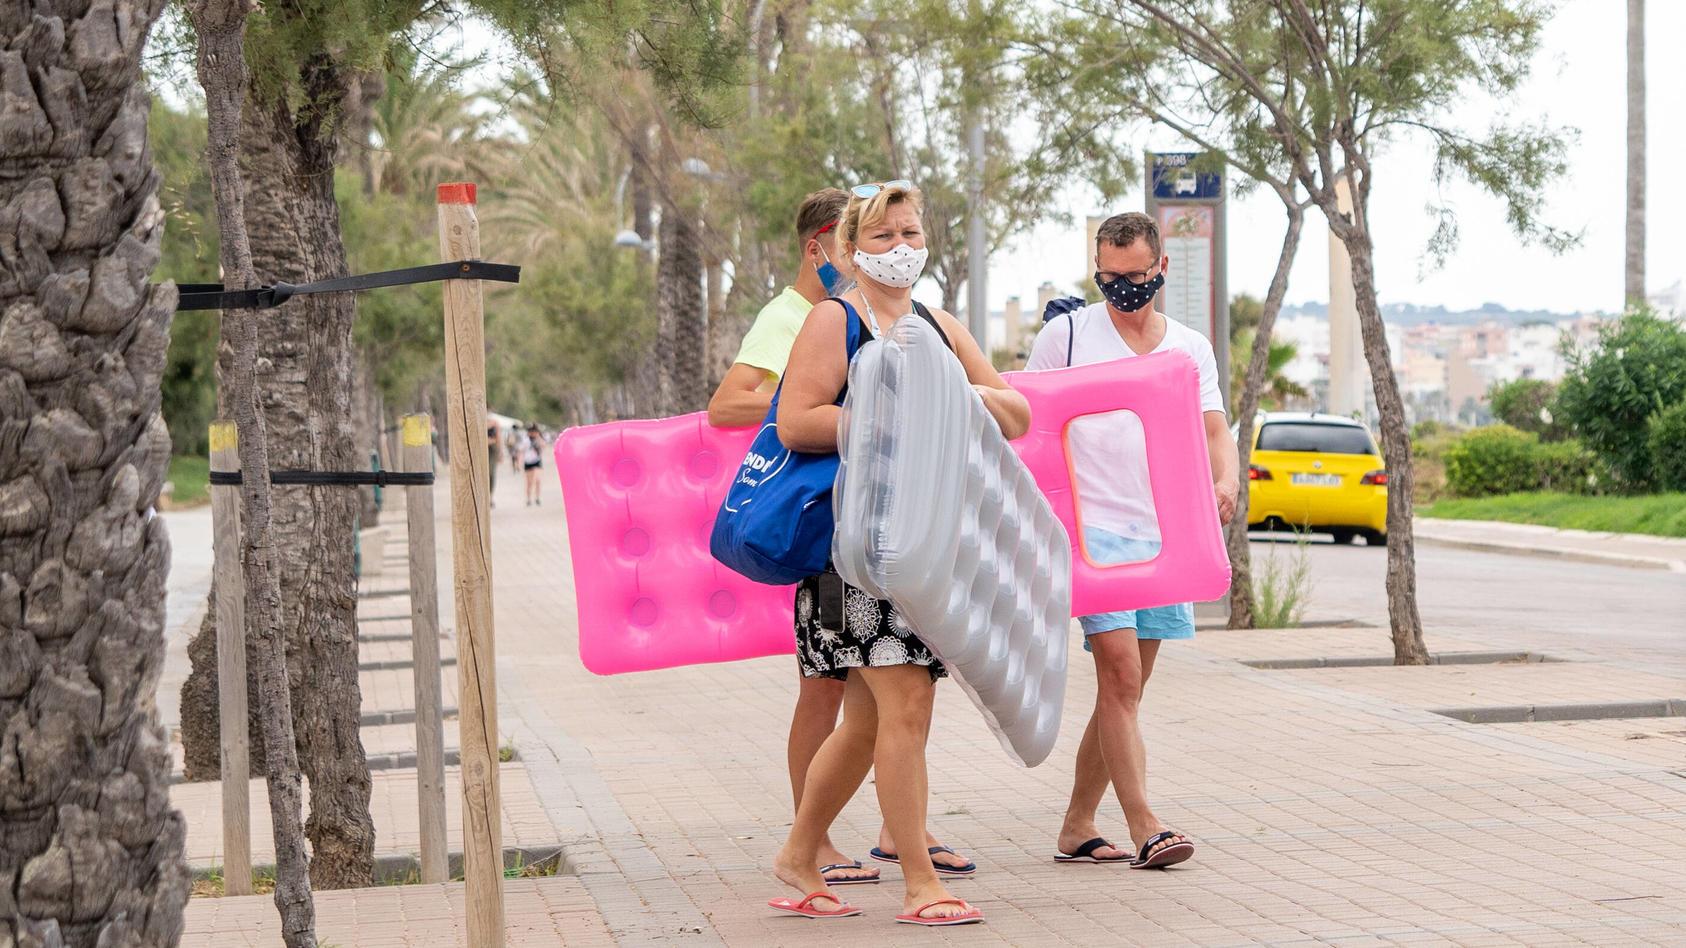 Welche Regelungen gibt es bezüglich einer Maskenpflicht auf den Balearen?